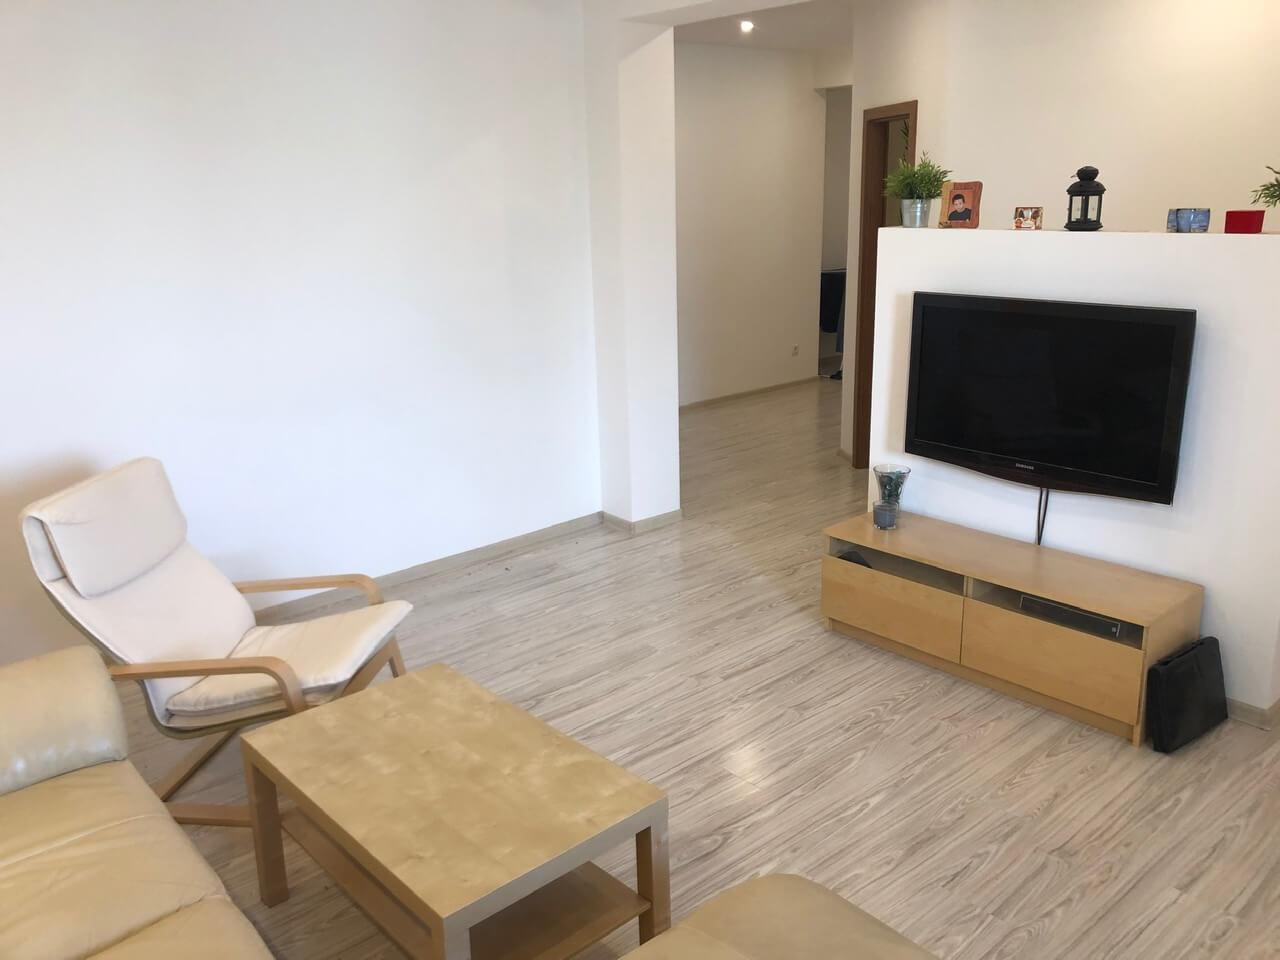 Predaný: Exkluzívne na predaj 3 izb. byt, 81,7m2, balkón 5 m2, pivnica 6m2, garáž, Dunajská Lužná, ulica Brezová-2